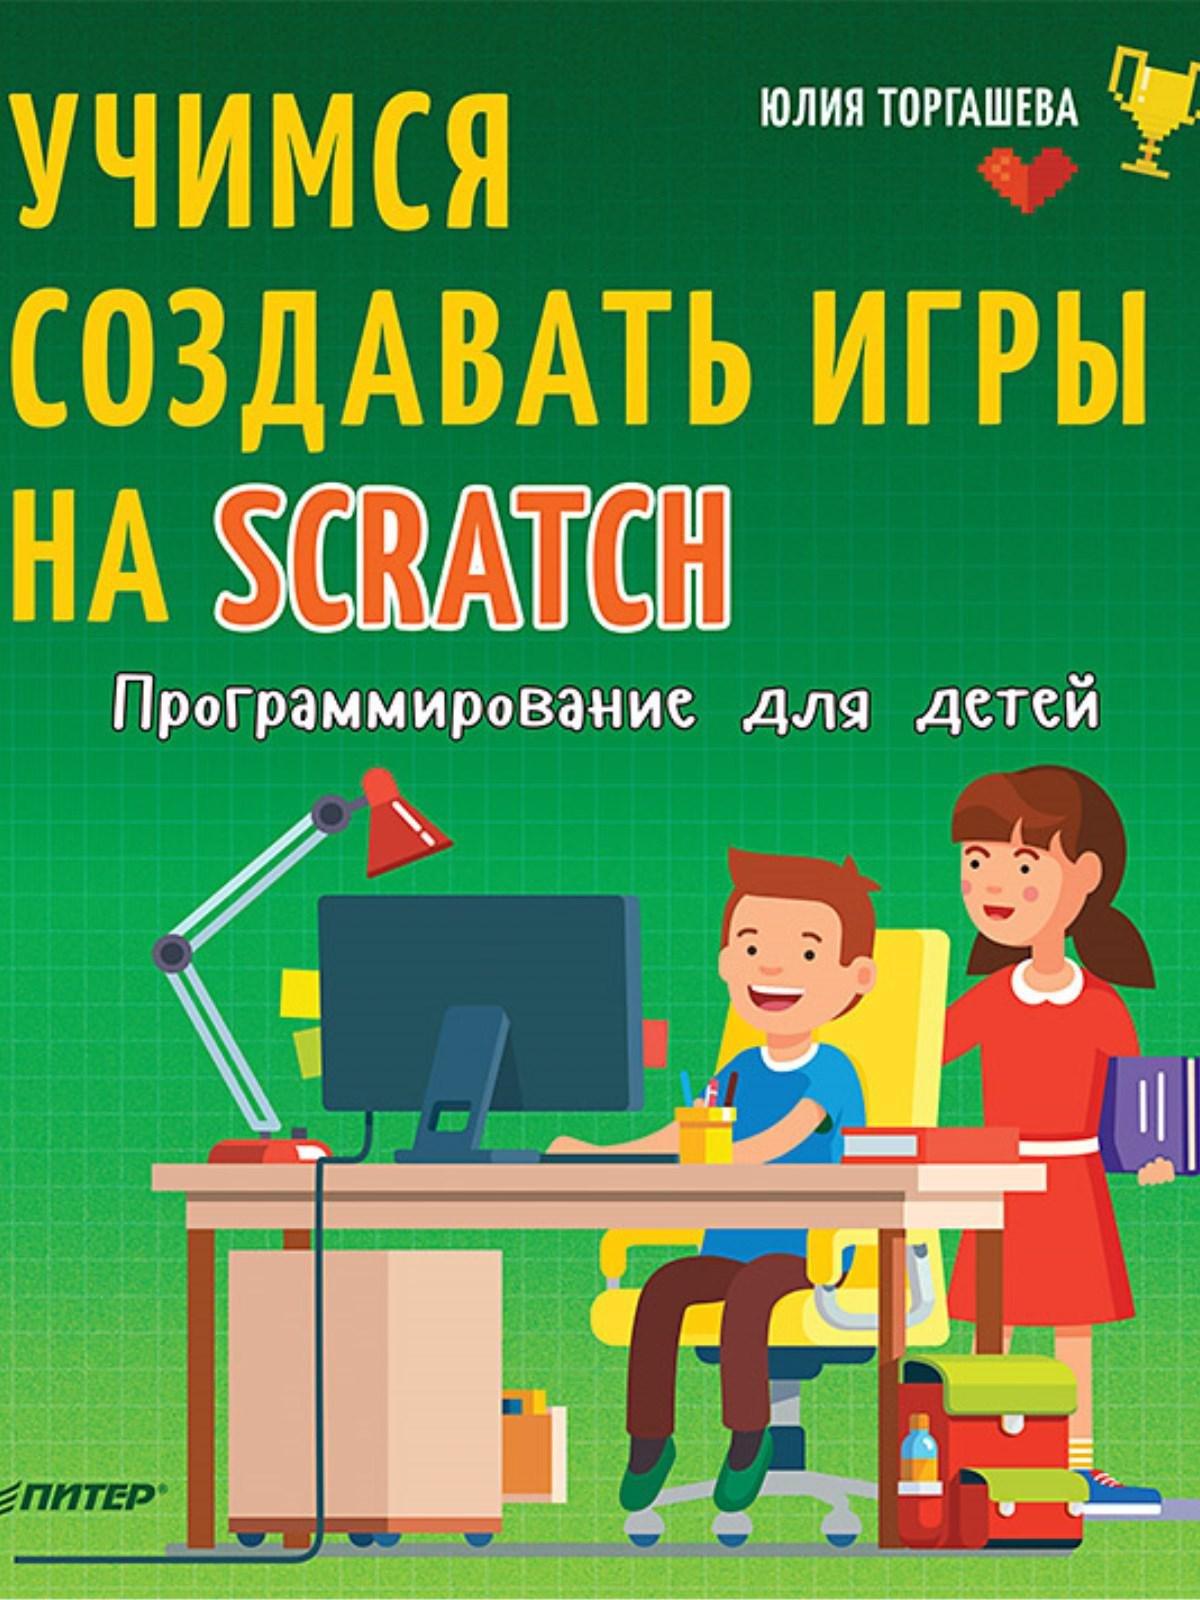 Фото - Торгашева Ю В Программирование для детей. Учимся создавать игры на Scratch уитни д программирование для детей пять самых крутых игр на html и javascript